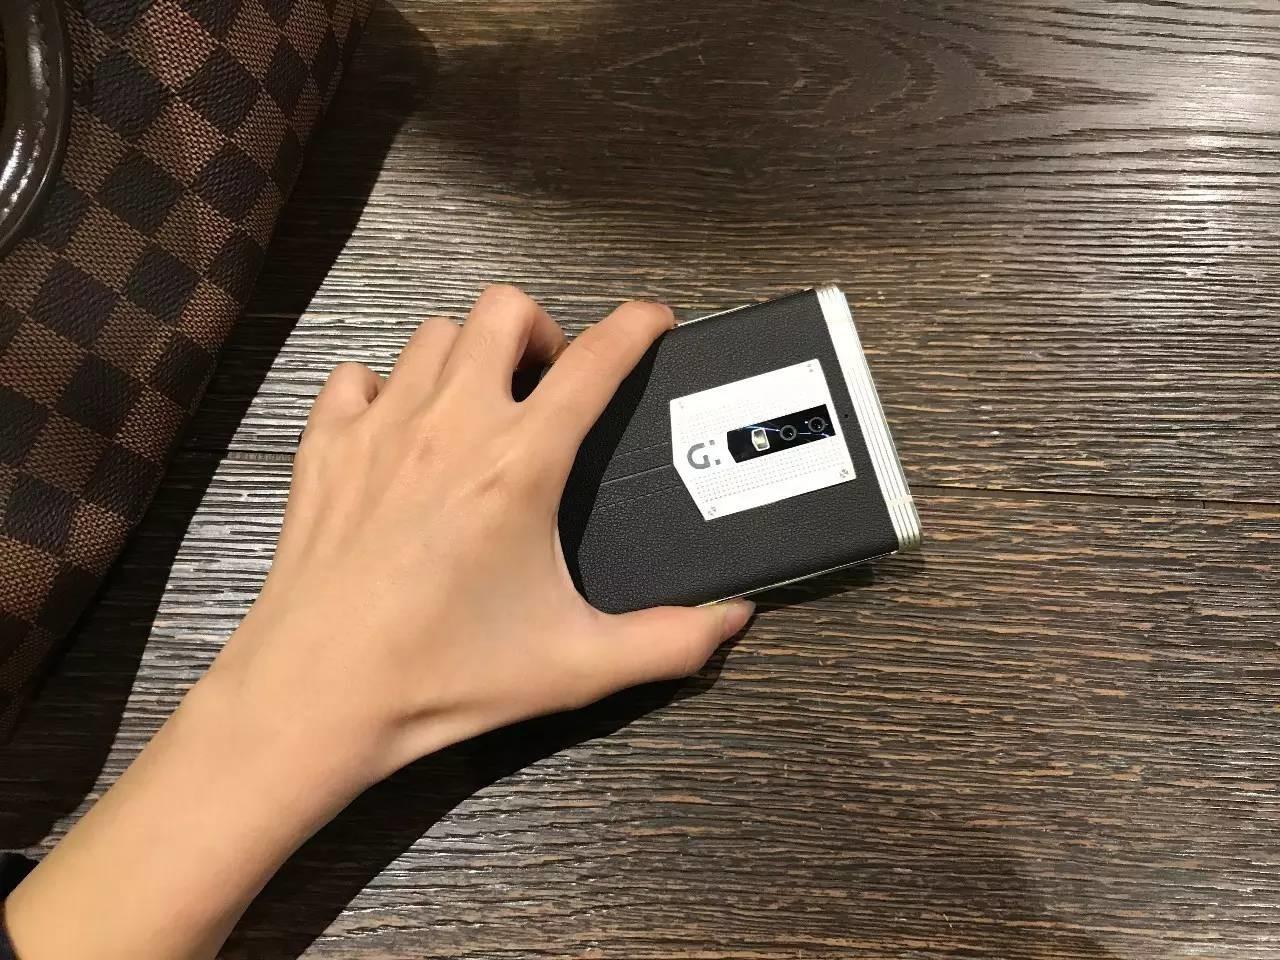 发现一个单手操作金立M2017的隐藏技巧,分享给大家